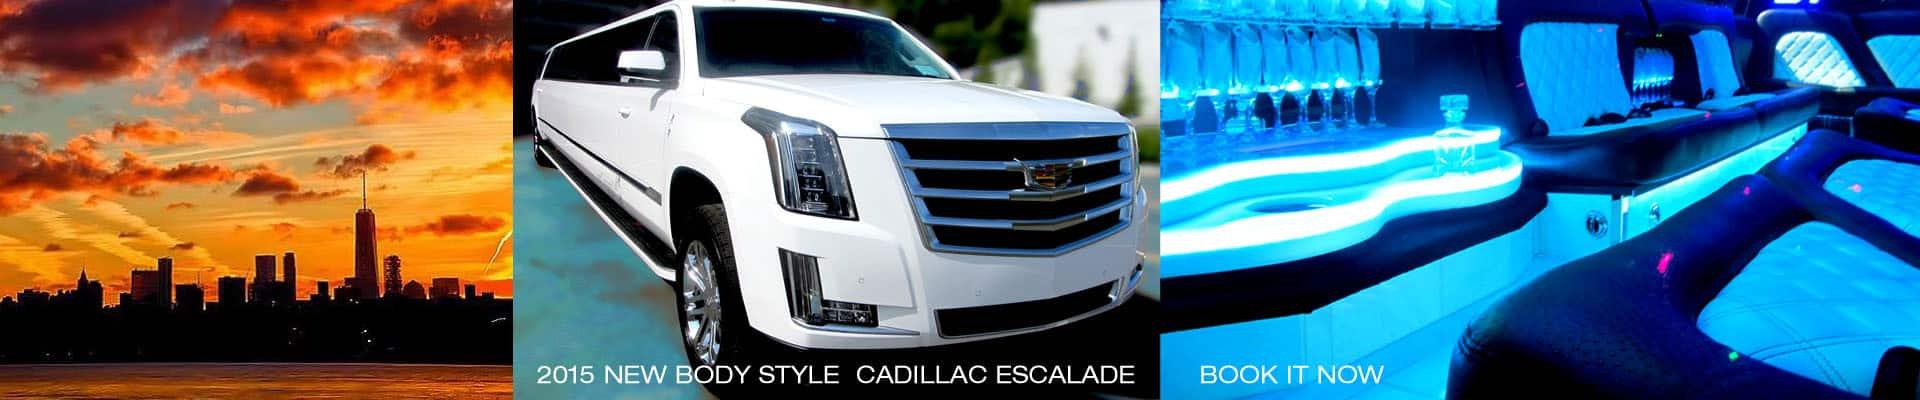 2015 New Body Style Cadillac Escalade